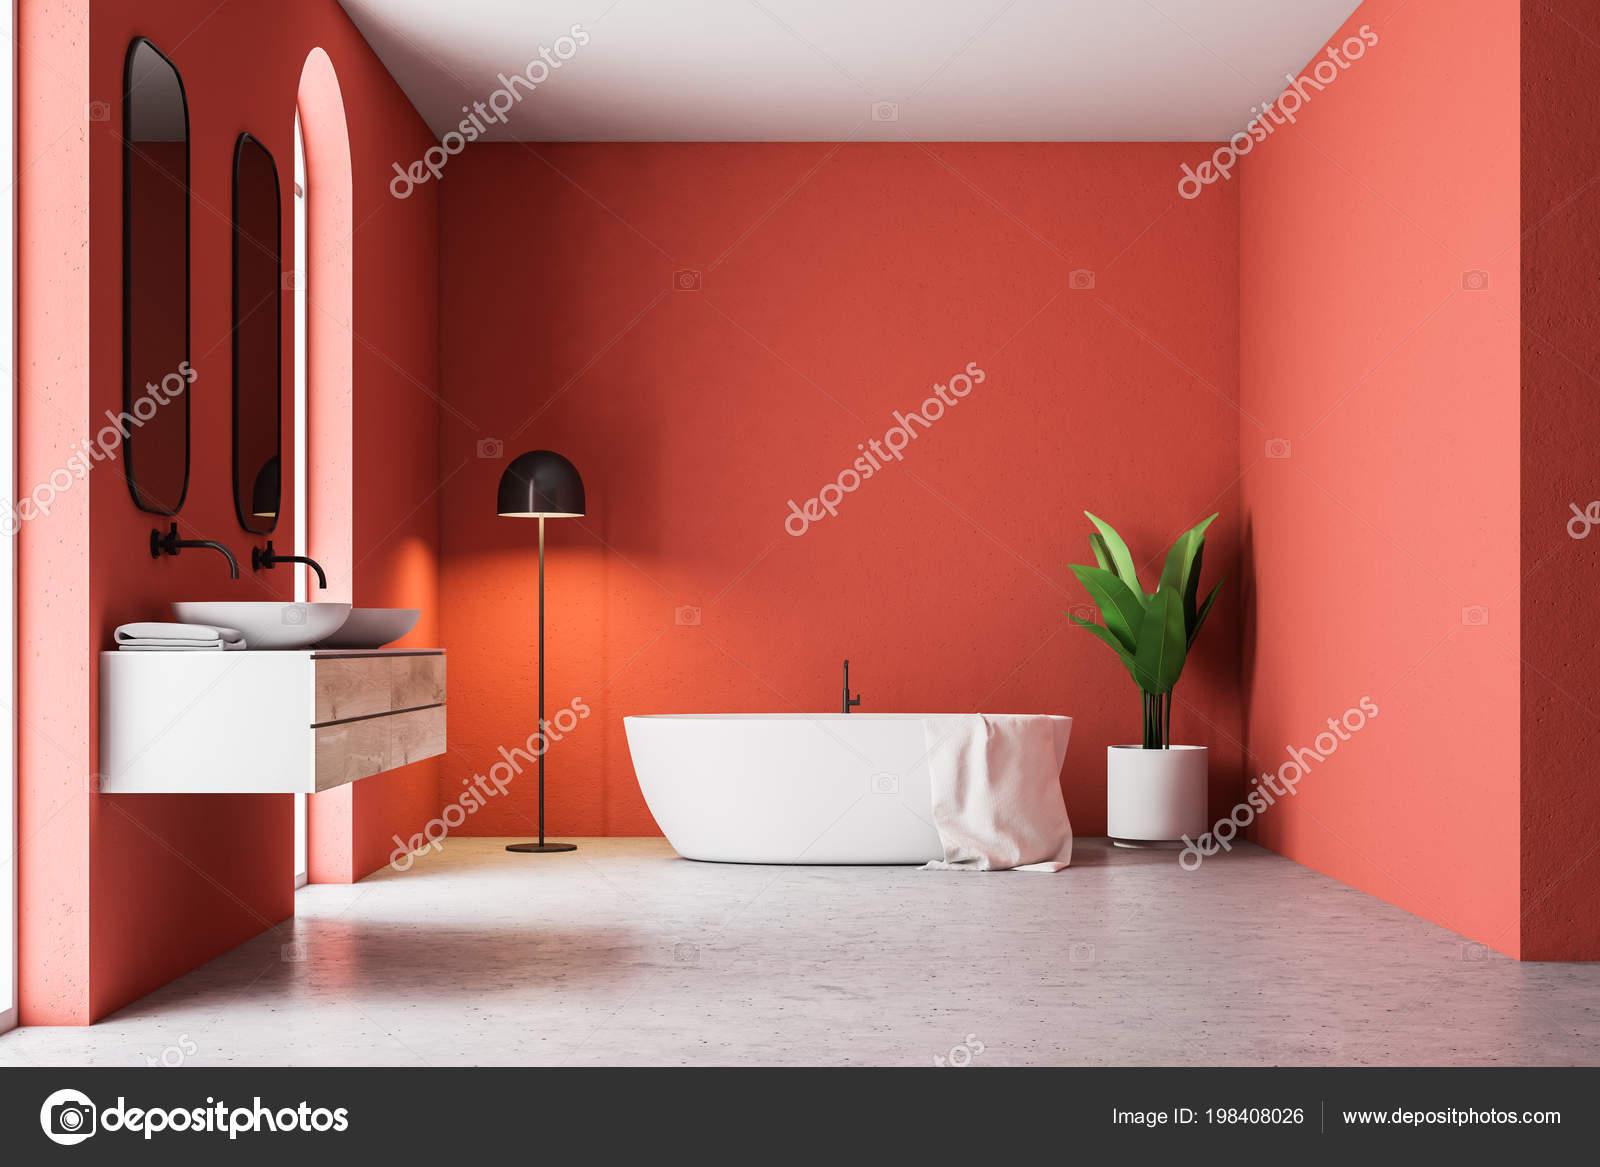 Vasca Da Bagno Rossa : Interno bagno rosso minimalista con una vasca bagno bianca